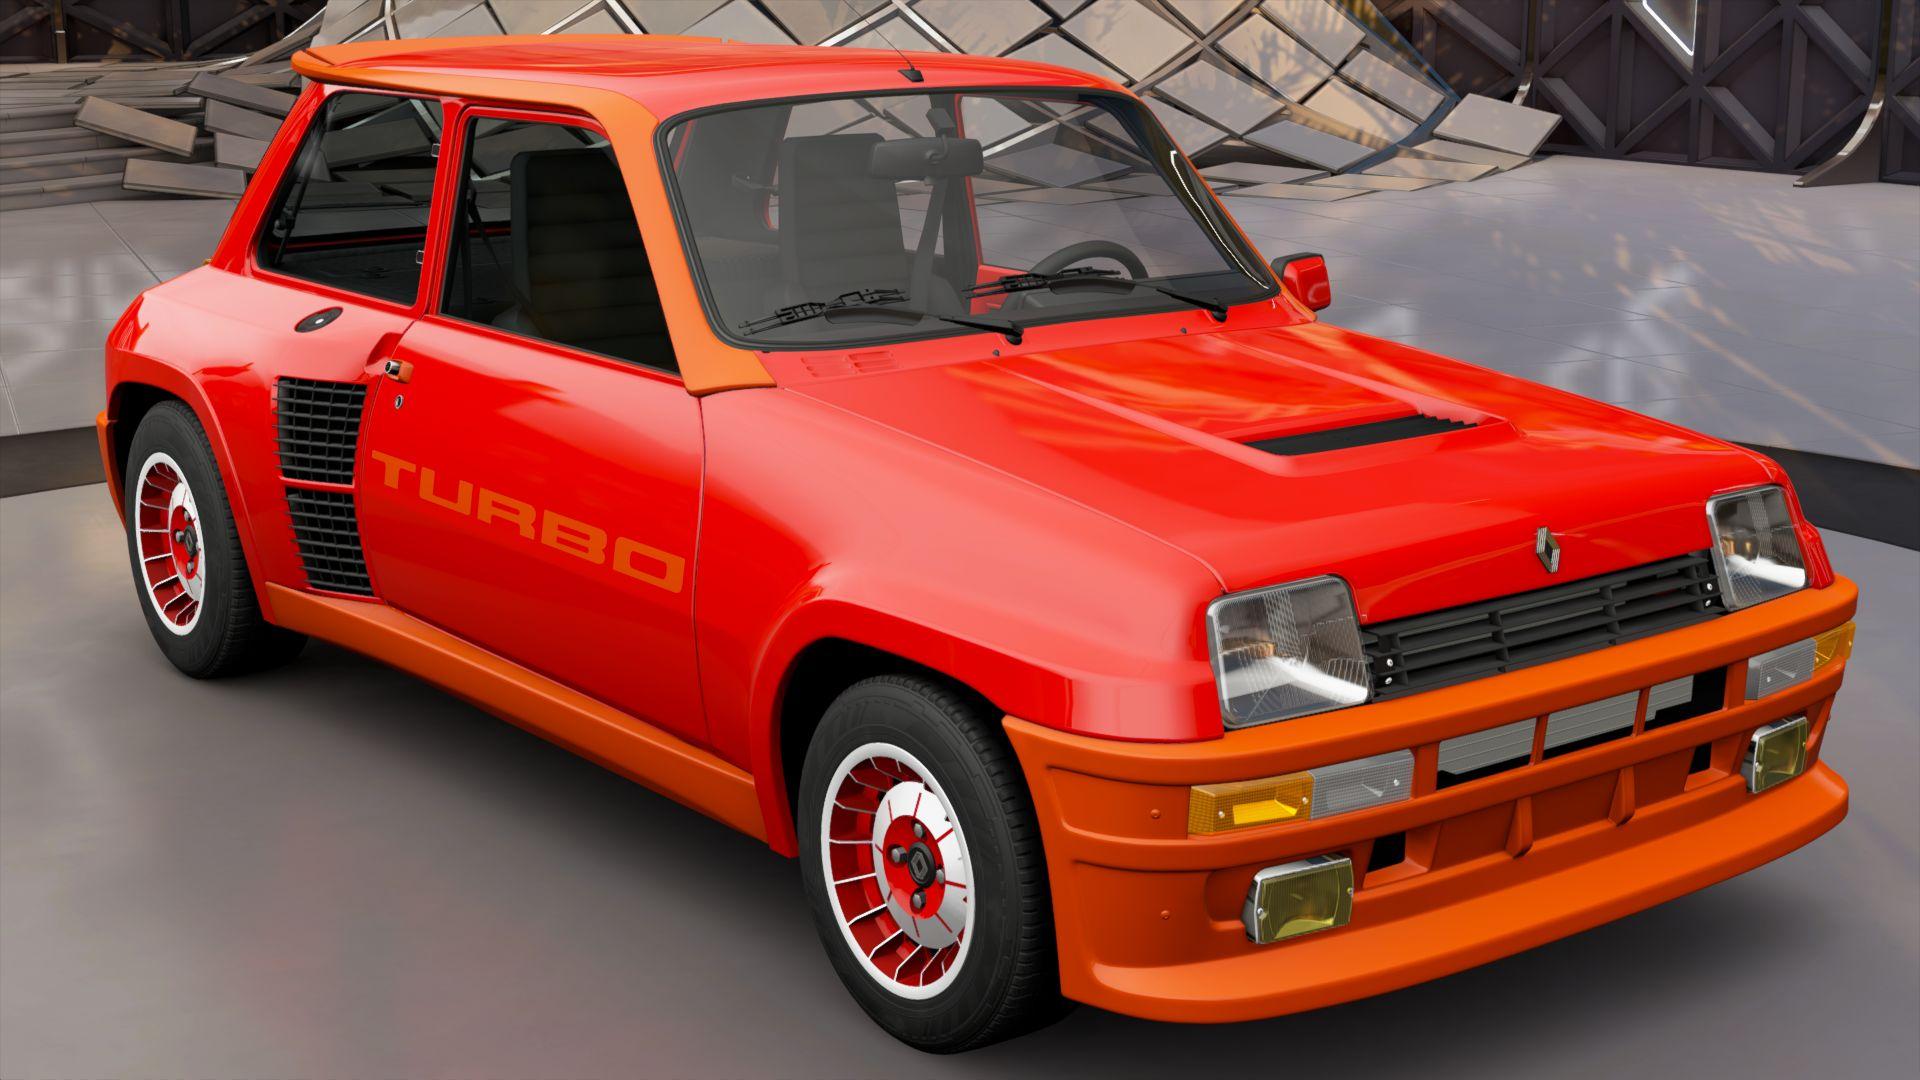 Renault 5 Turbo Forza Motorsport Wiki Fandom Powered By Wikia 1 6 Engine Layout